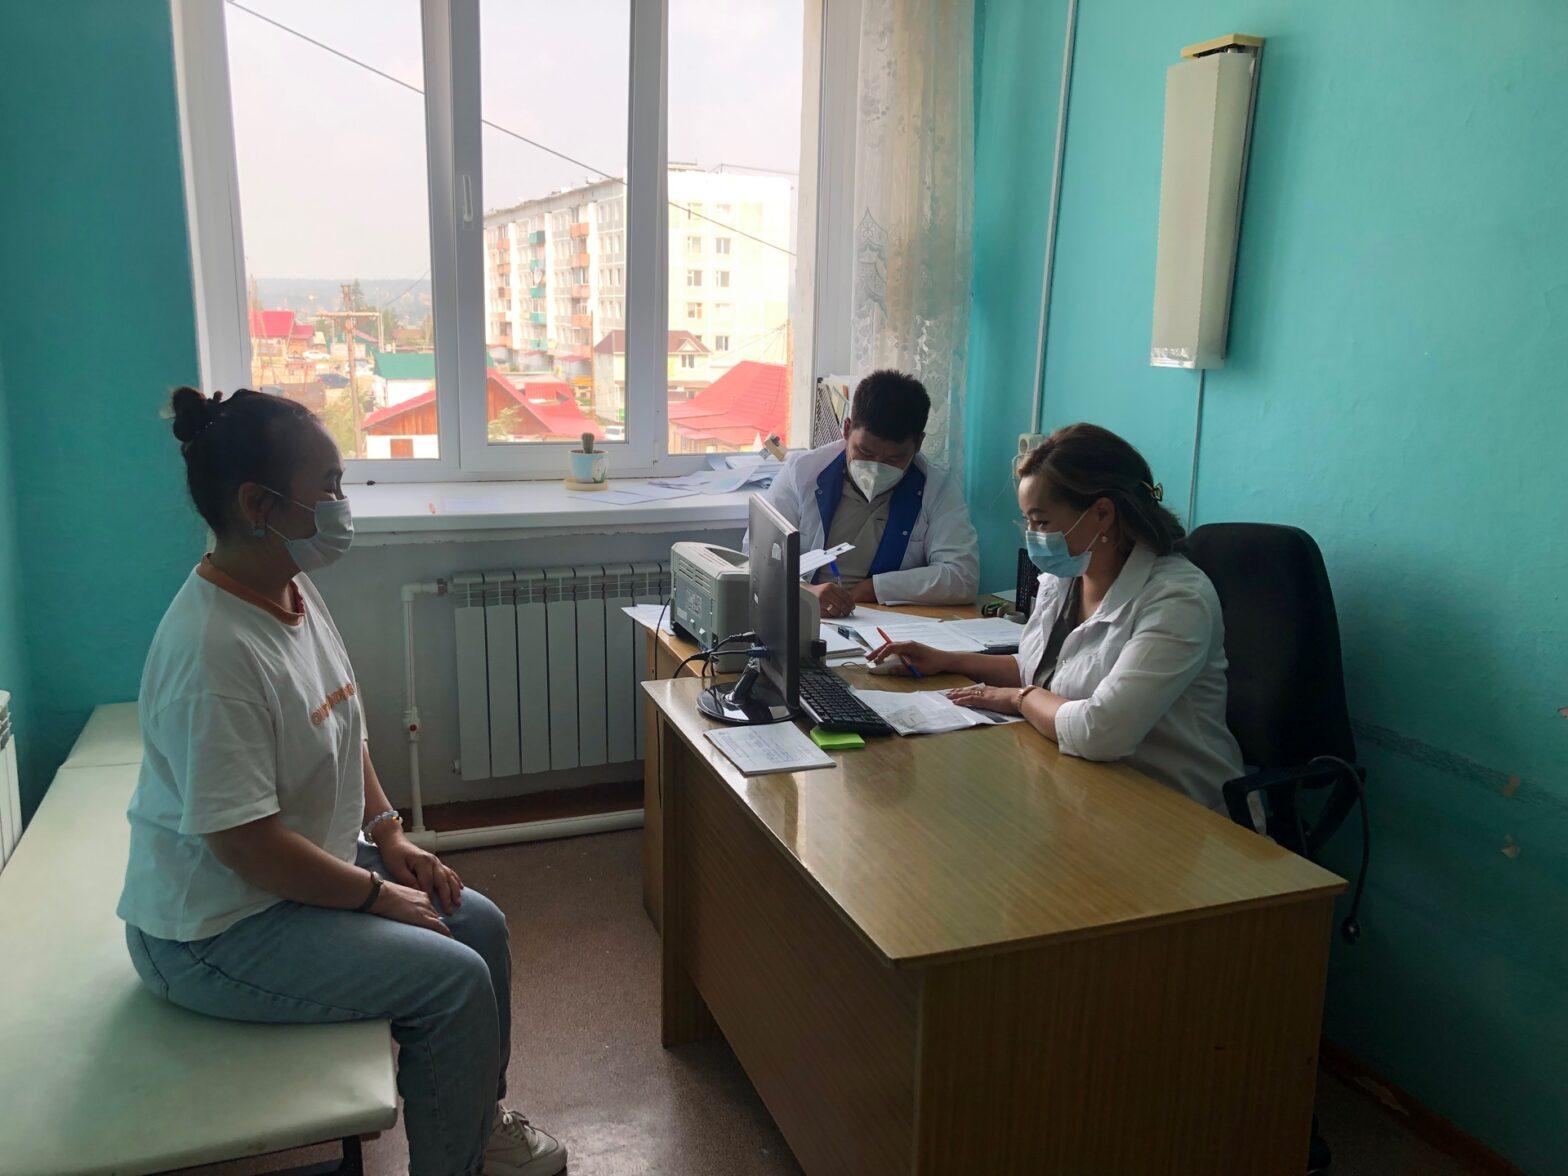 Кабинет нефролога откроют в поликлинике Покровска в Якутии